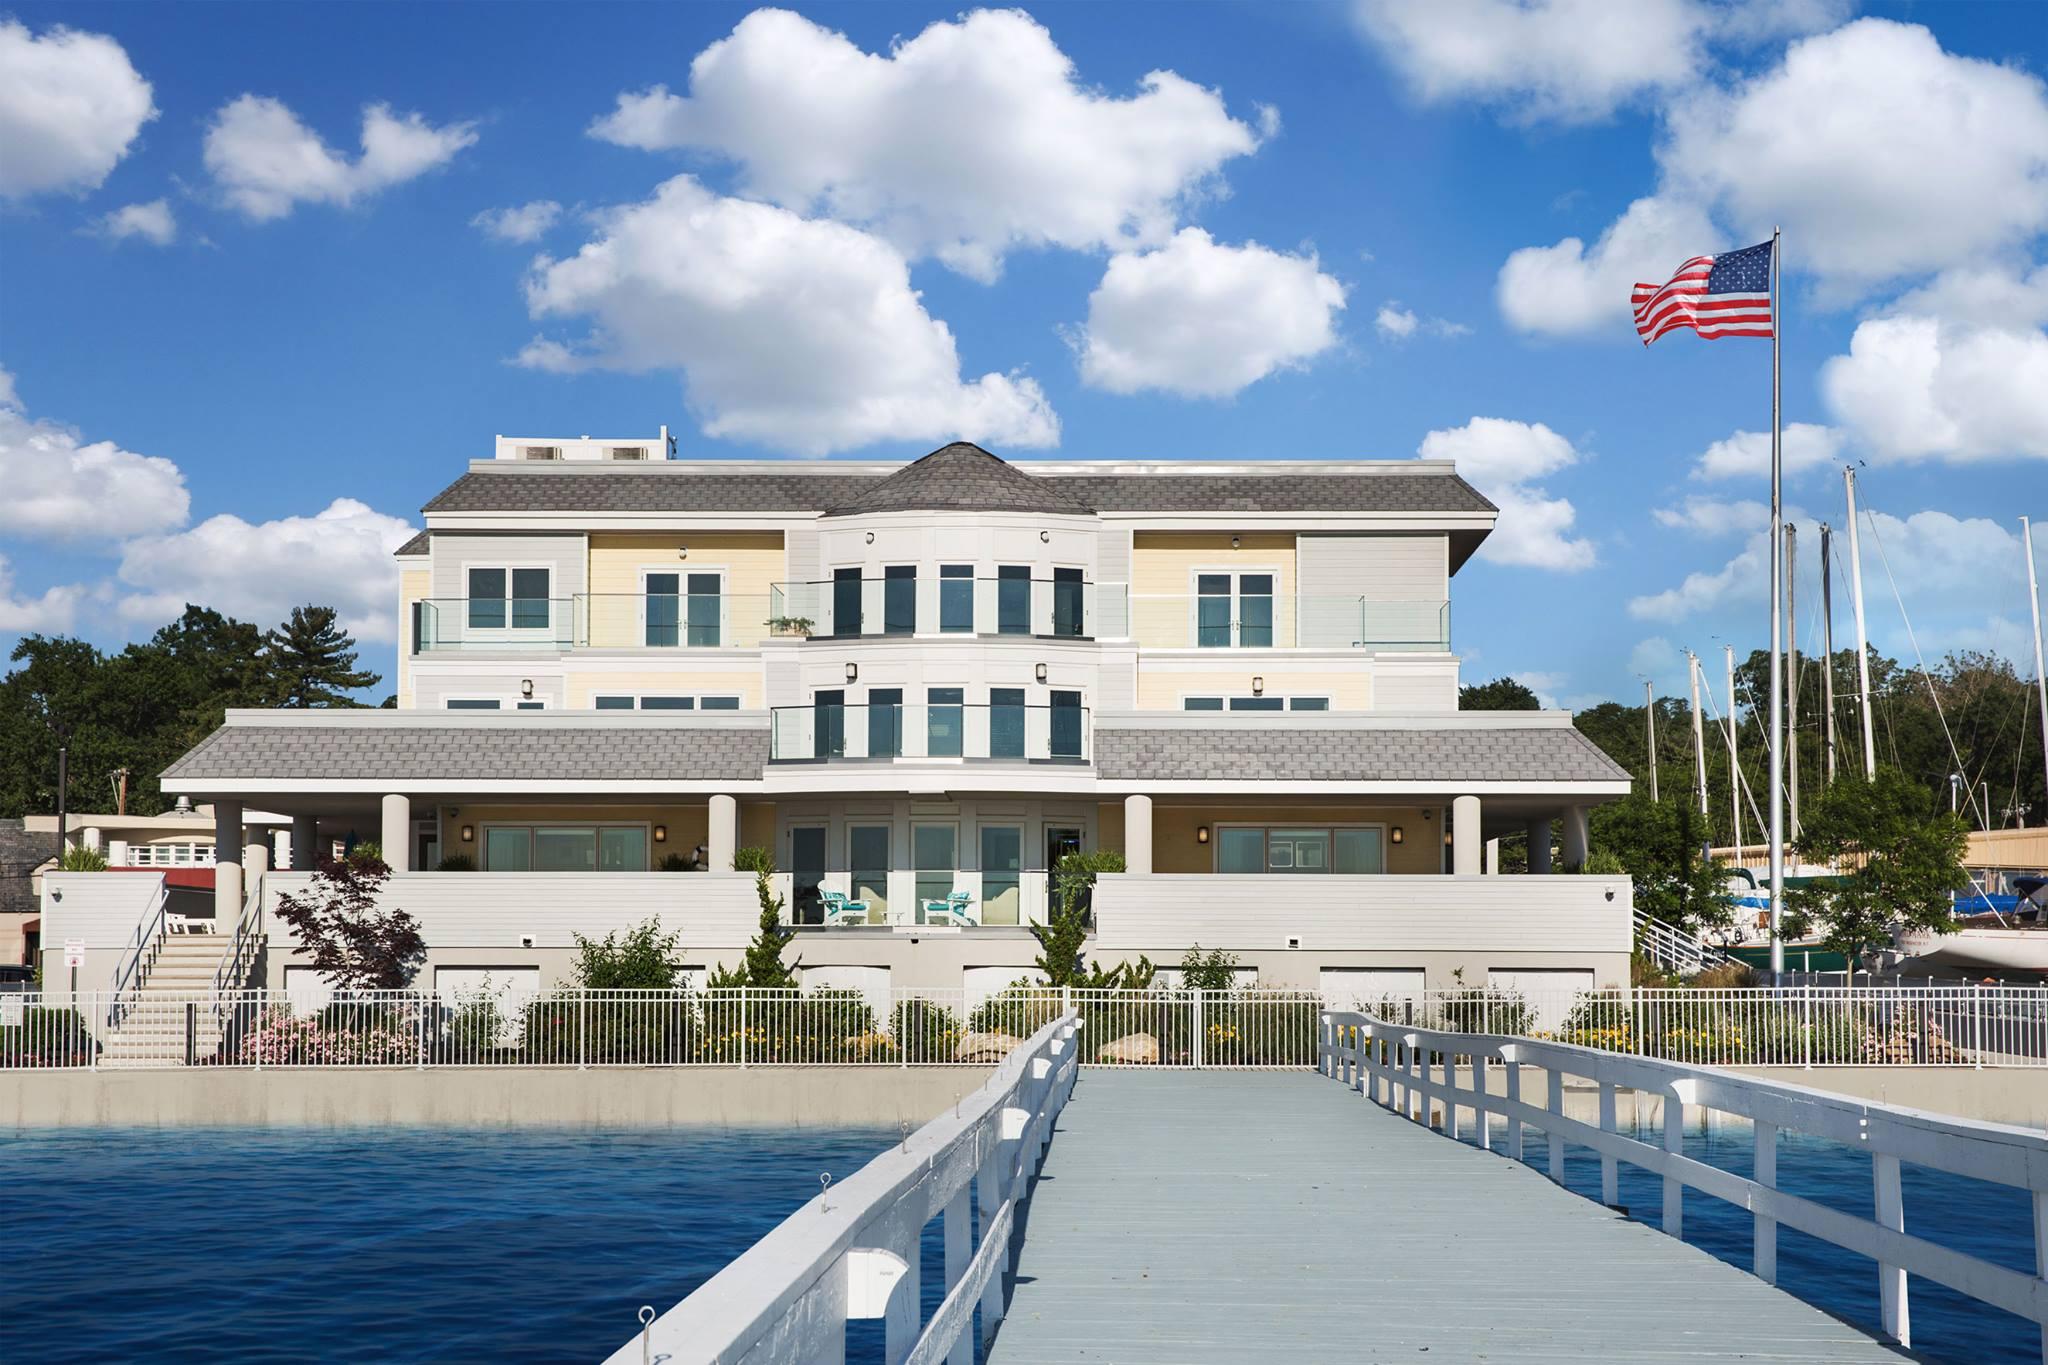 Knickerbocker Yacht Club - Port Washington, NY